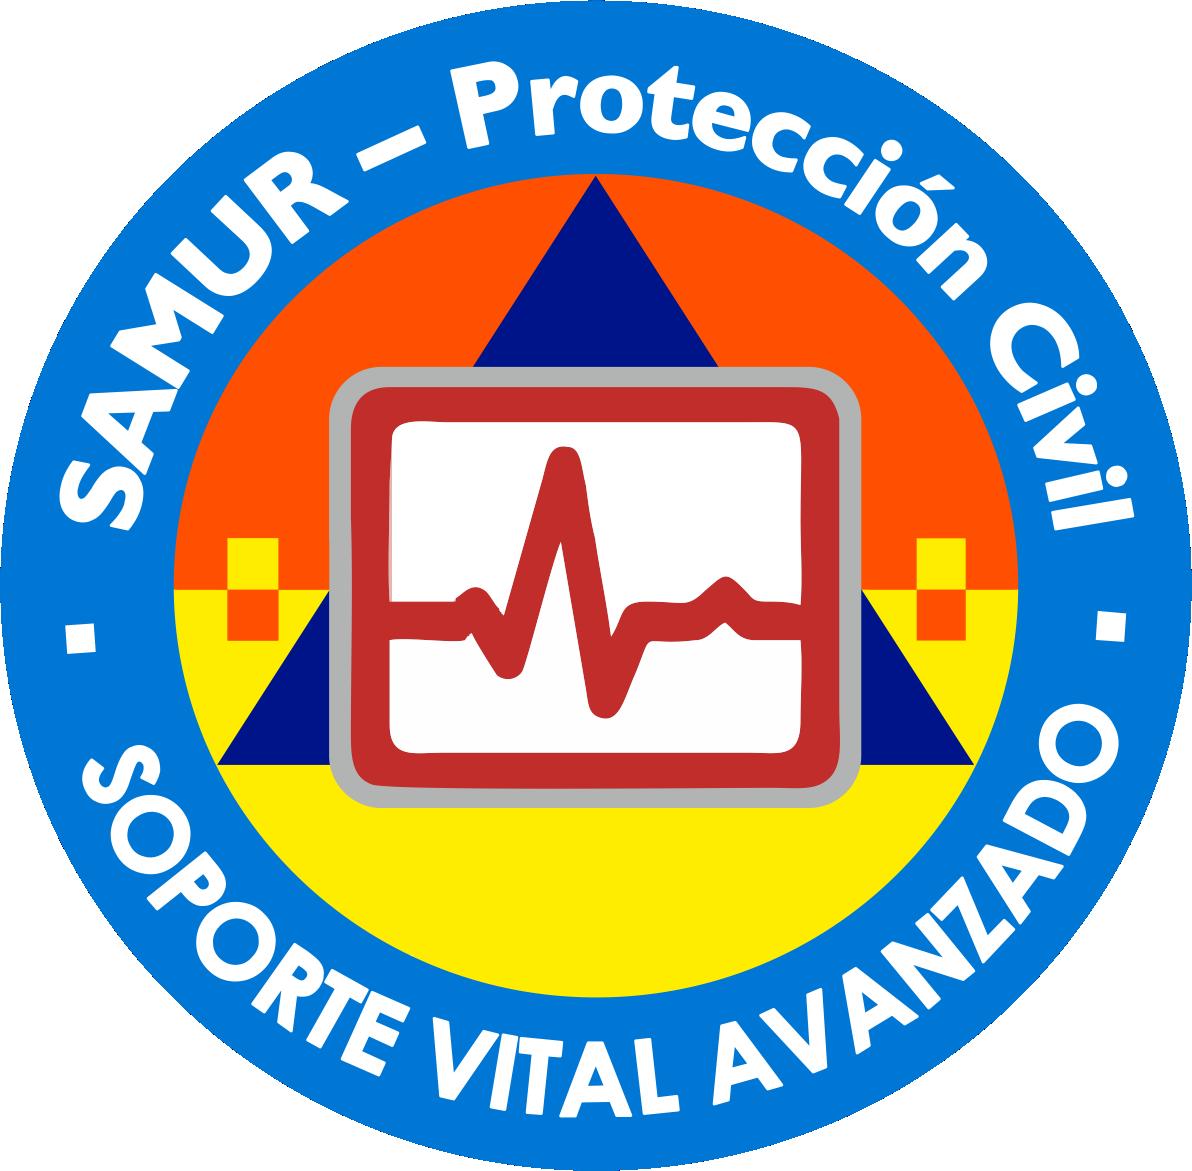 SOPORTE VITAL AVANZADO SAMUR-PC